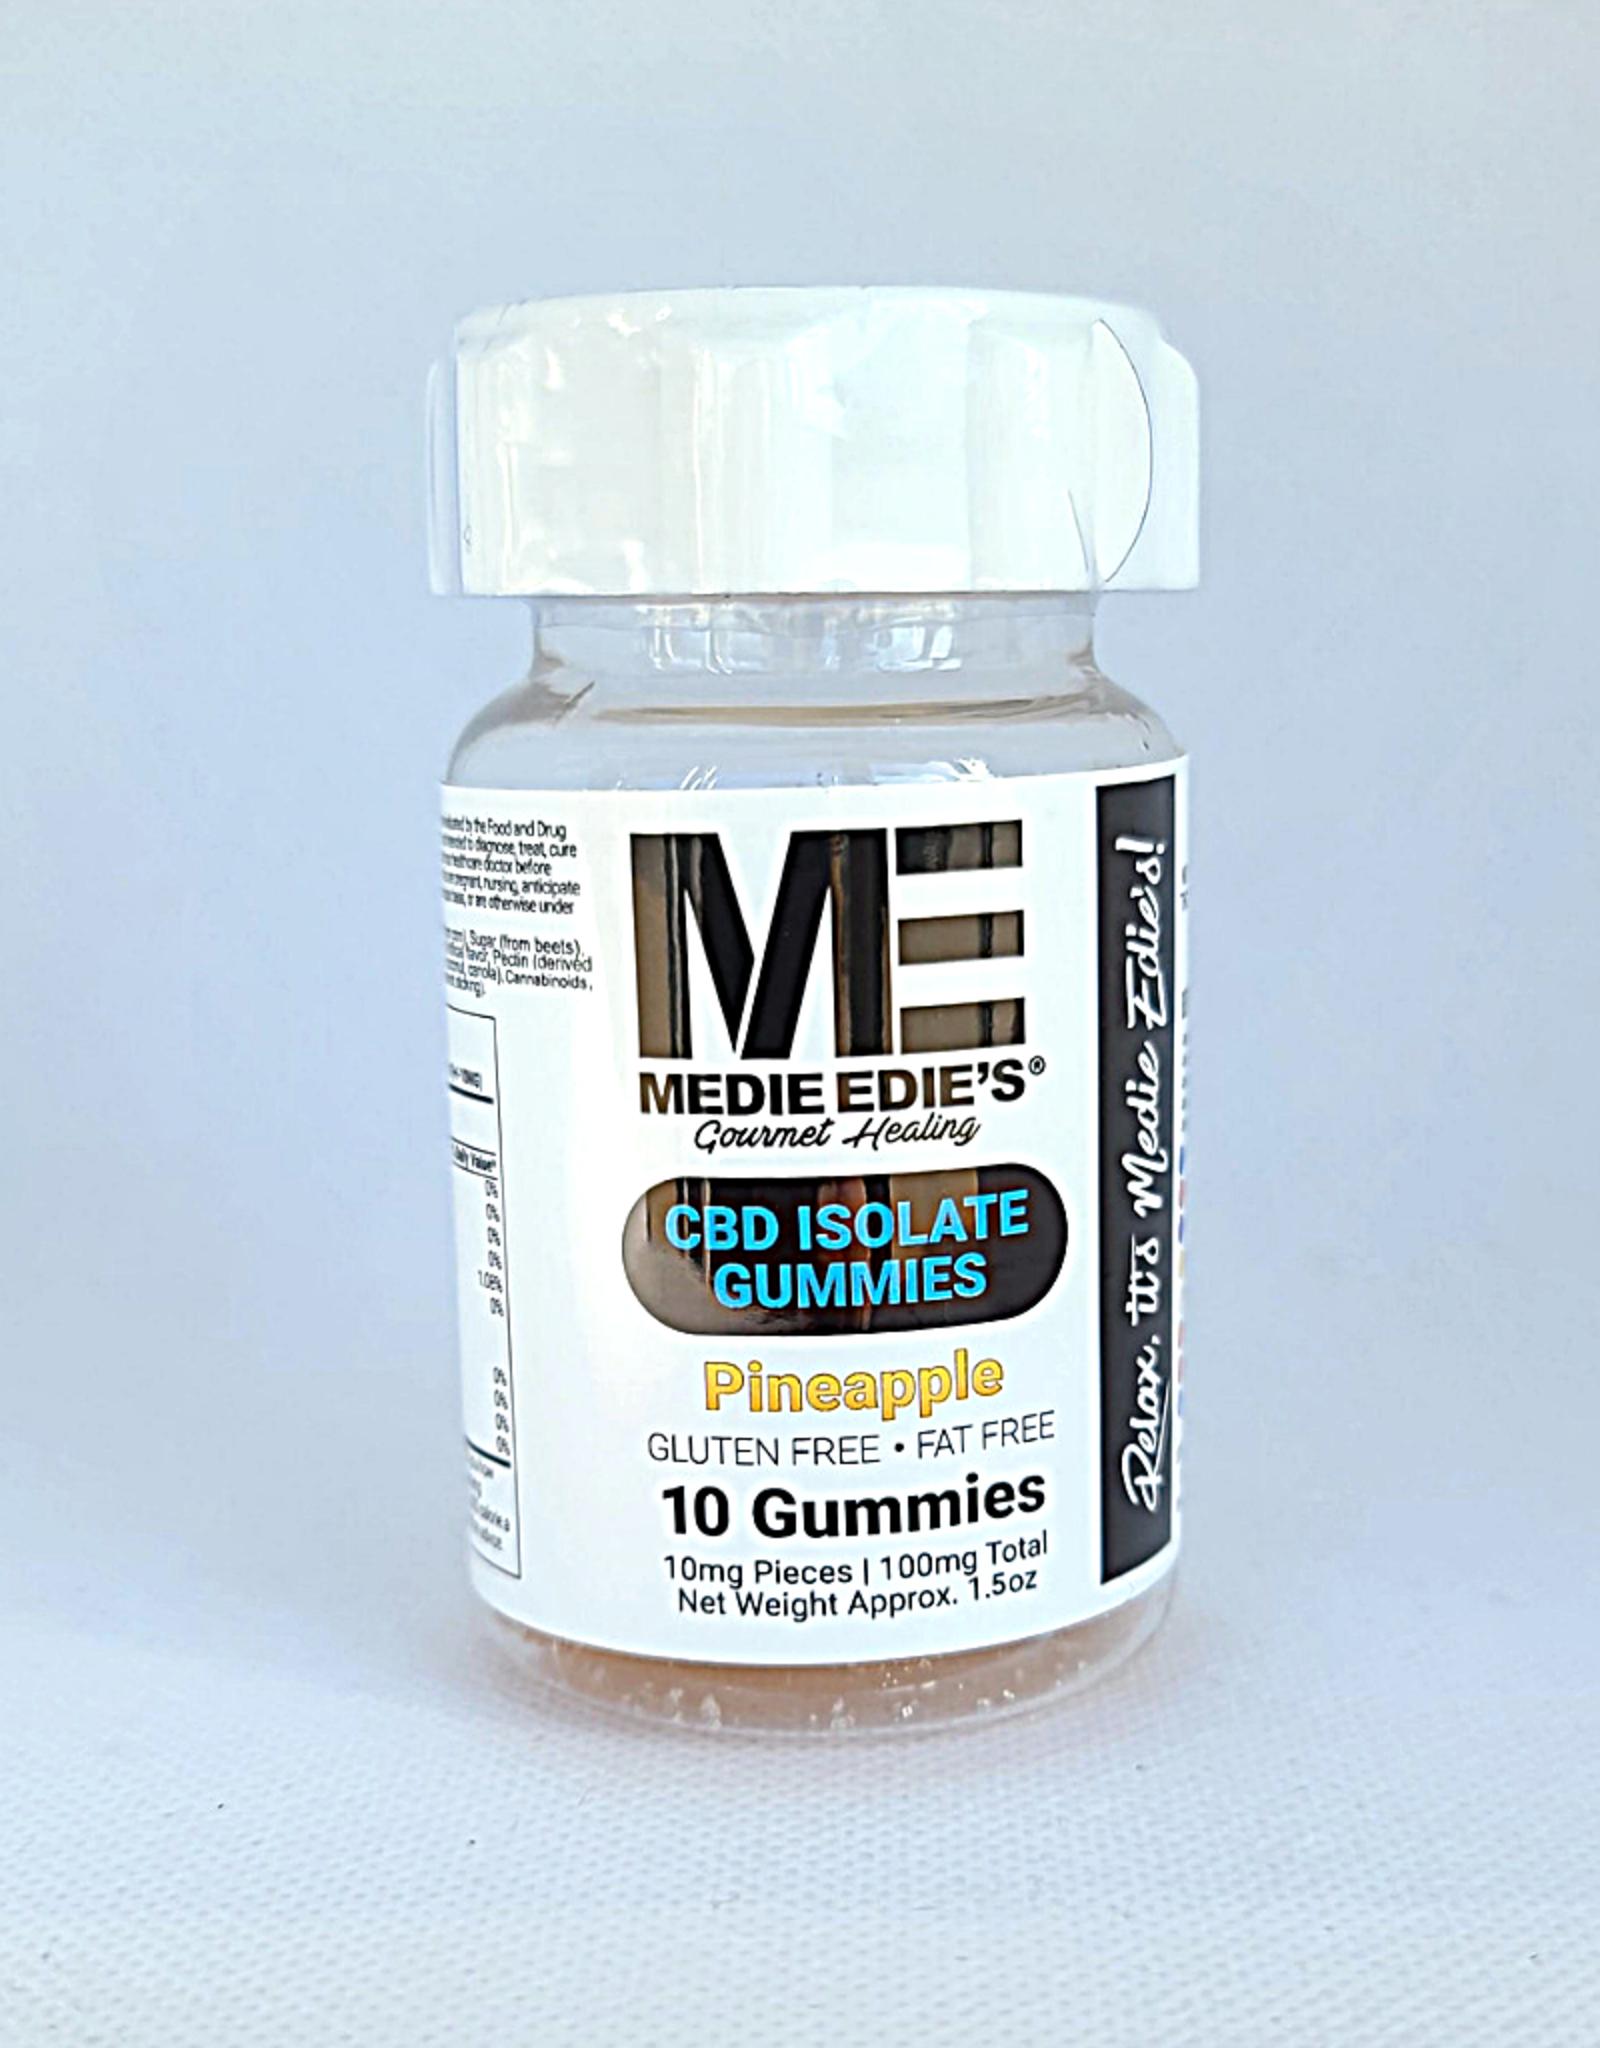 Medie Edie's Pineapple CBD Gummies - 10ct/10mg/100mg